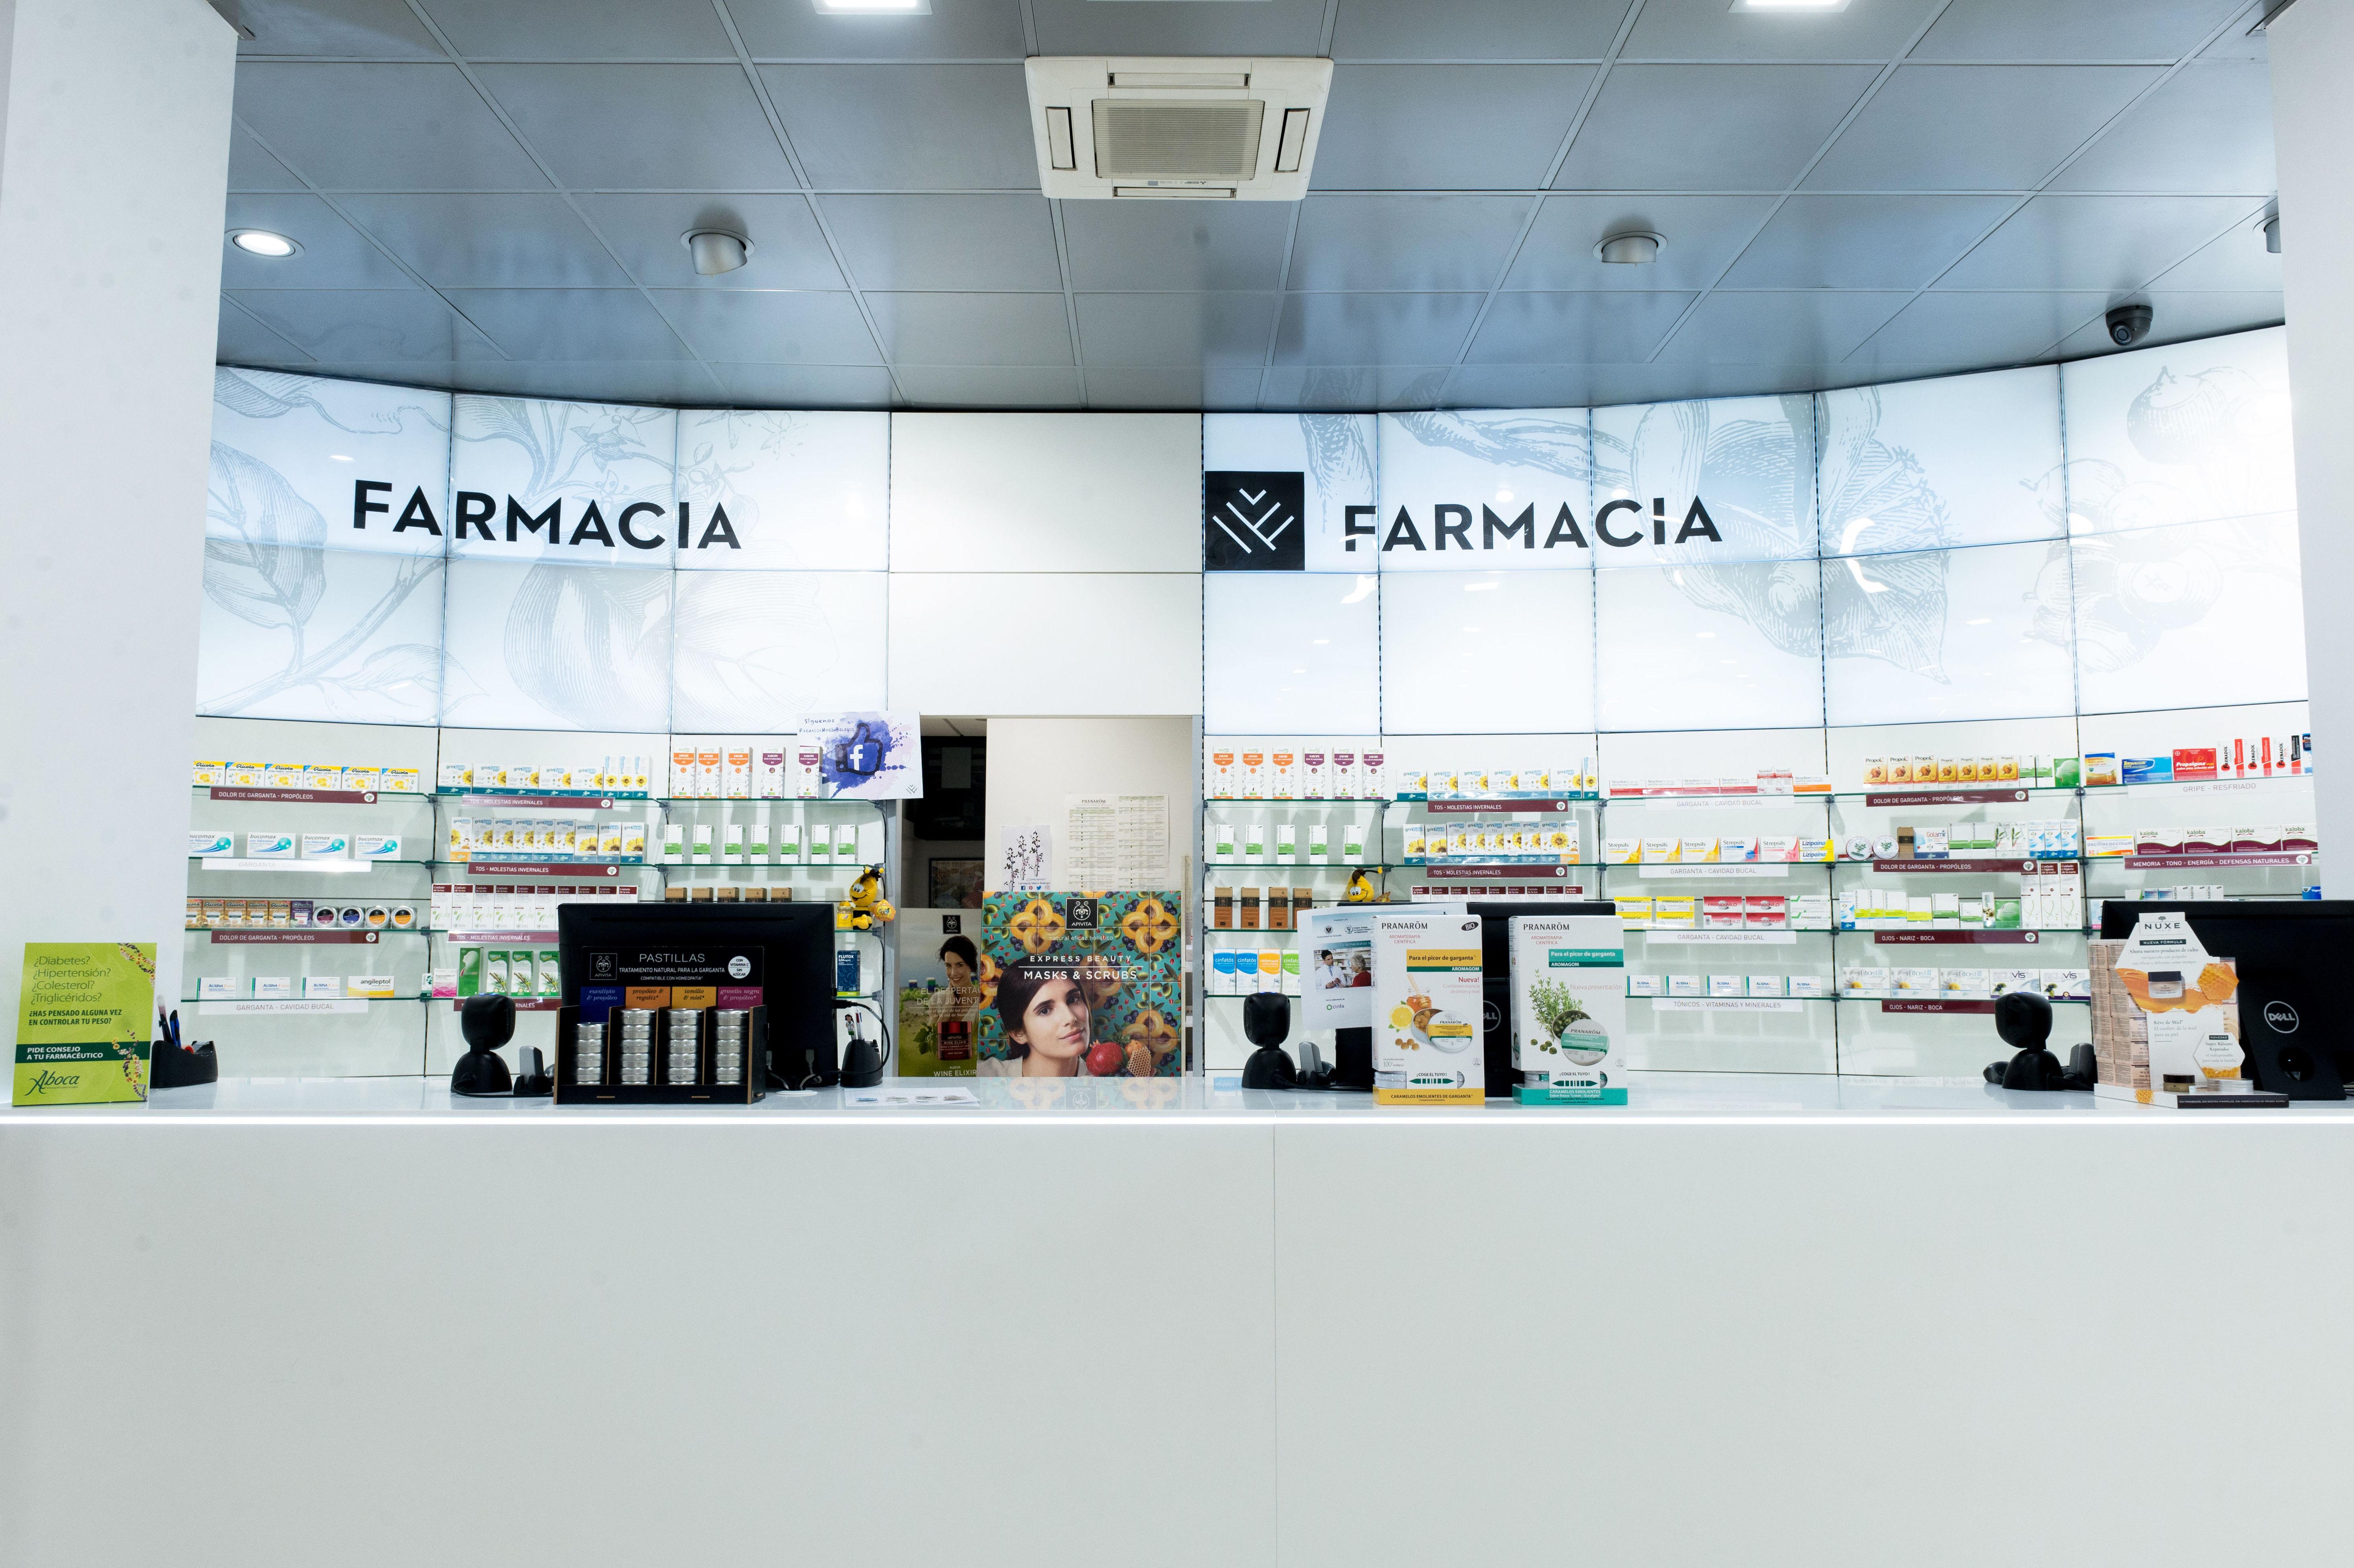 Foto 4 de Farmacias en Zaragoza | Farmacia Marín Boloqui